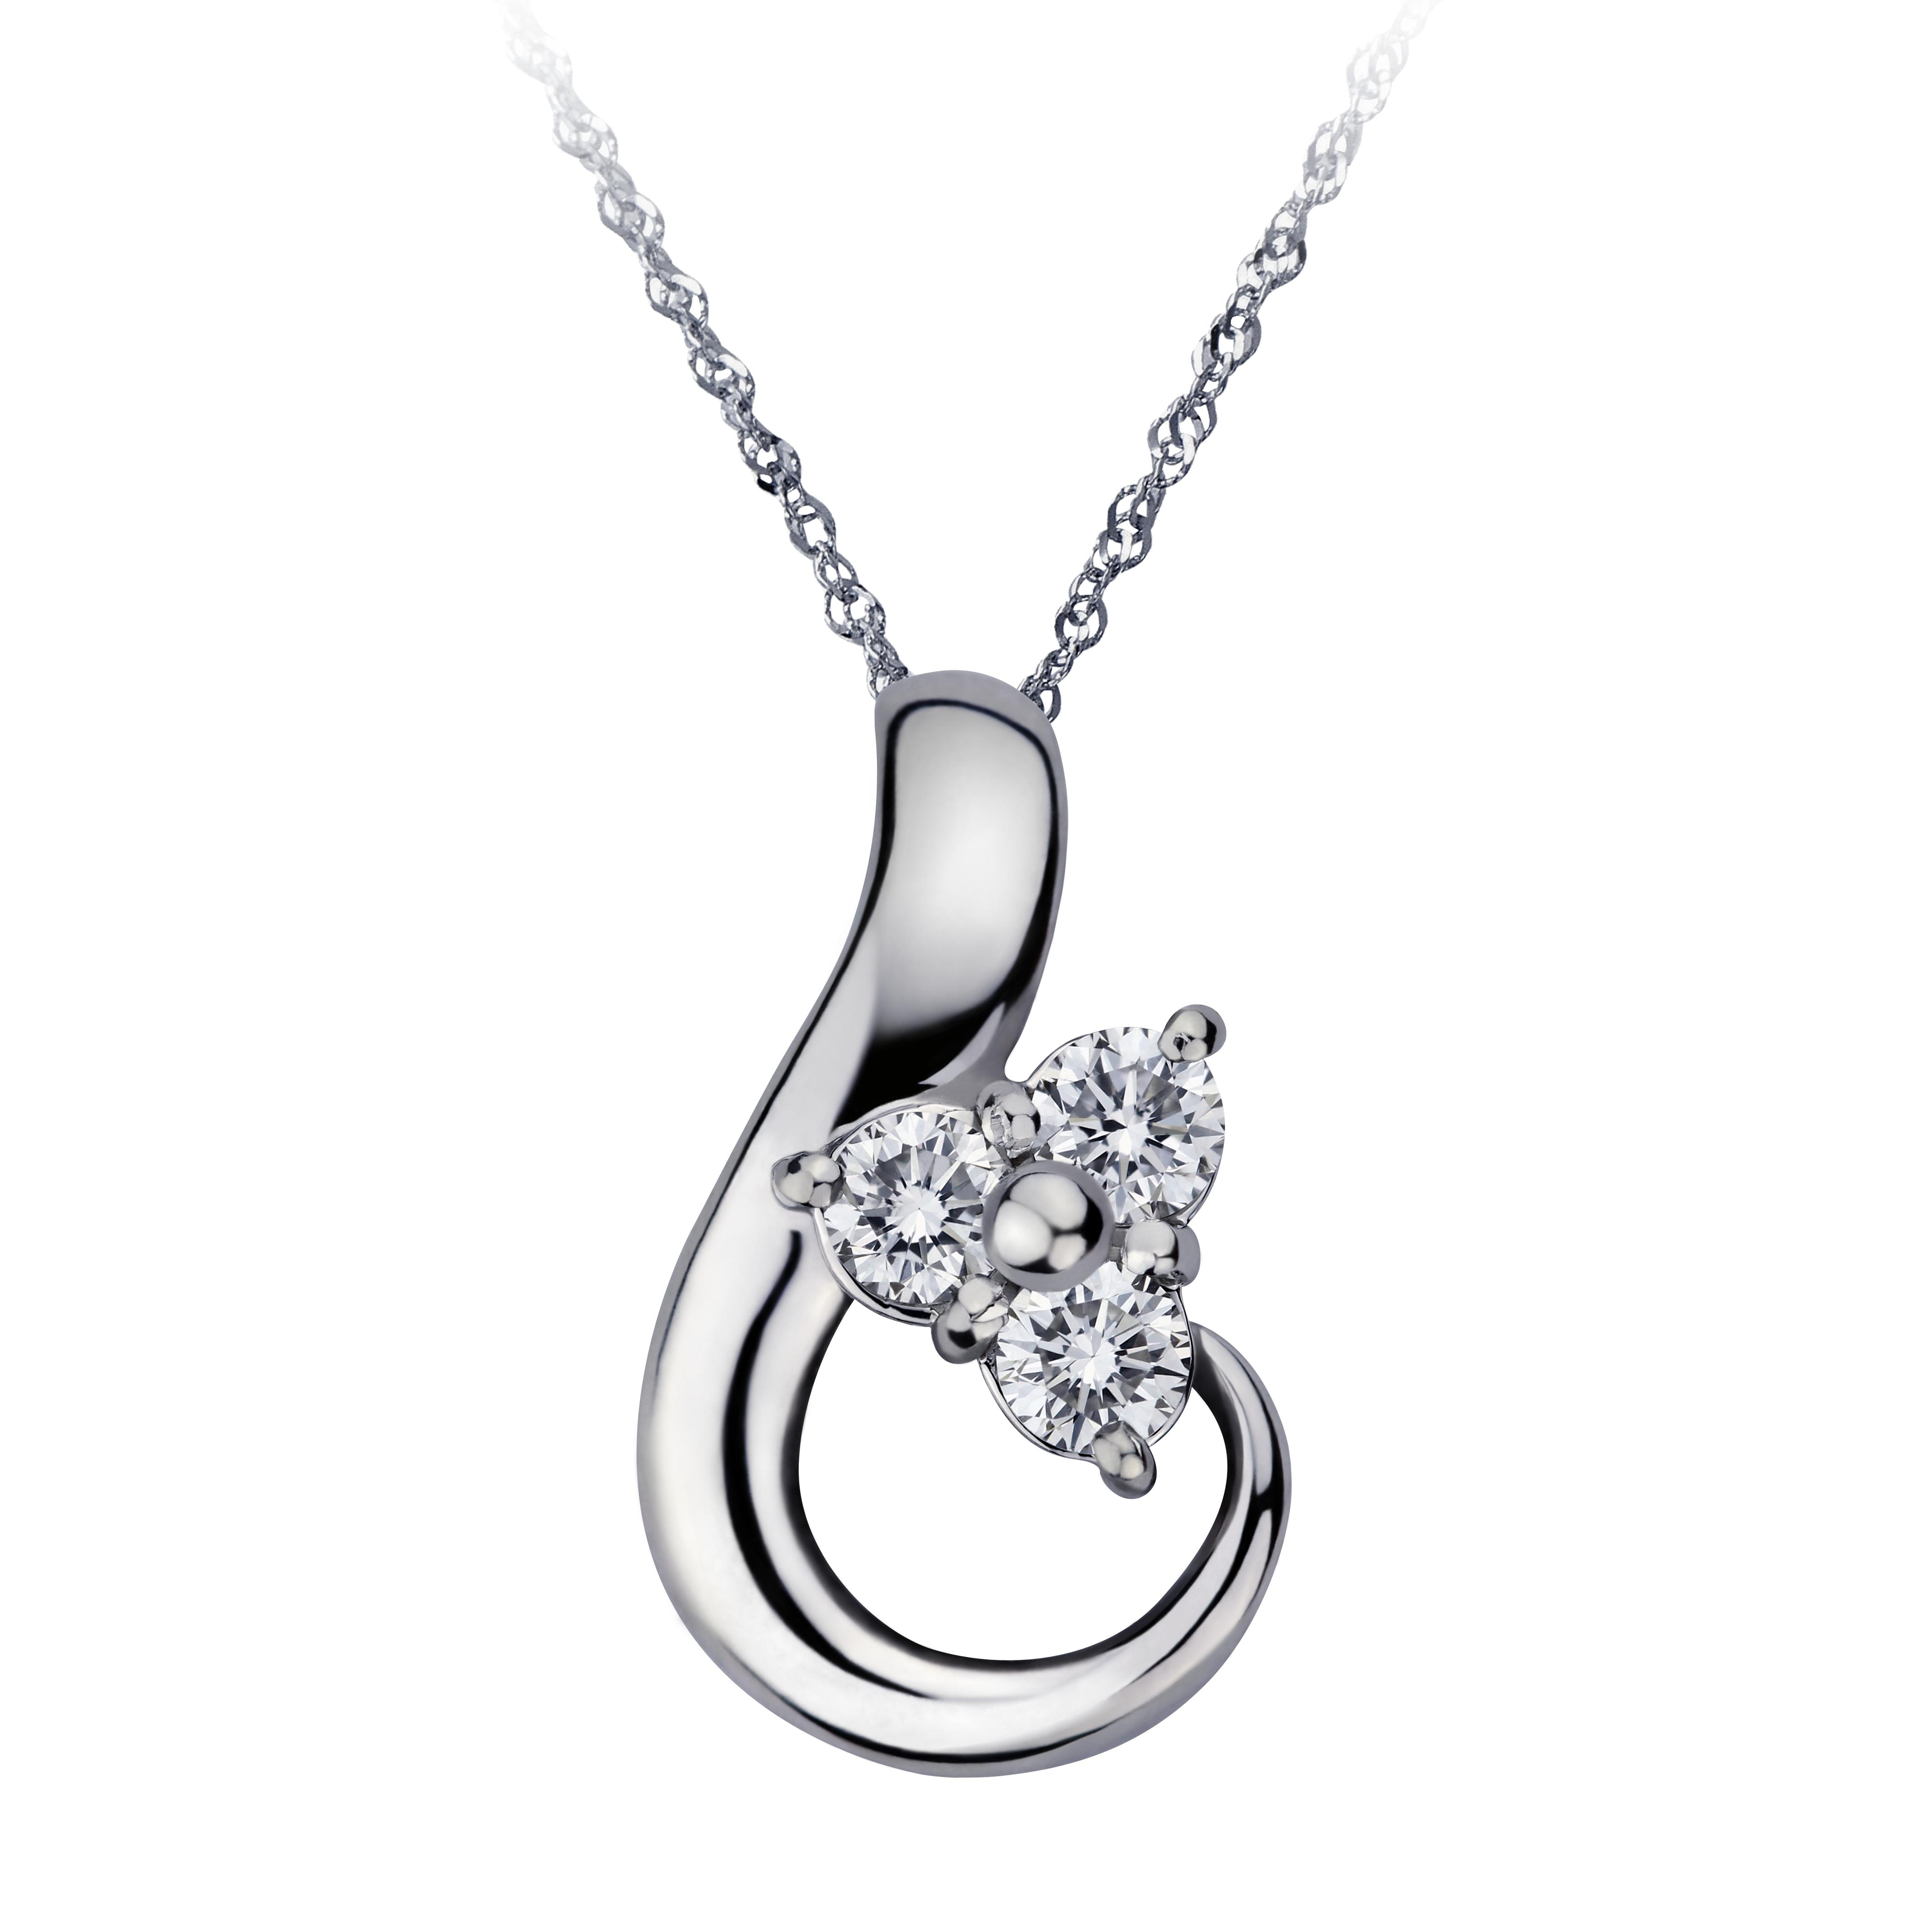 20分鑽石項鍊